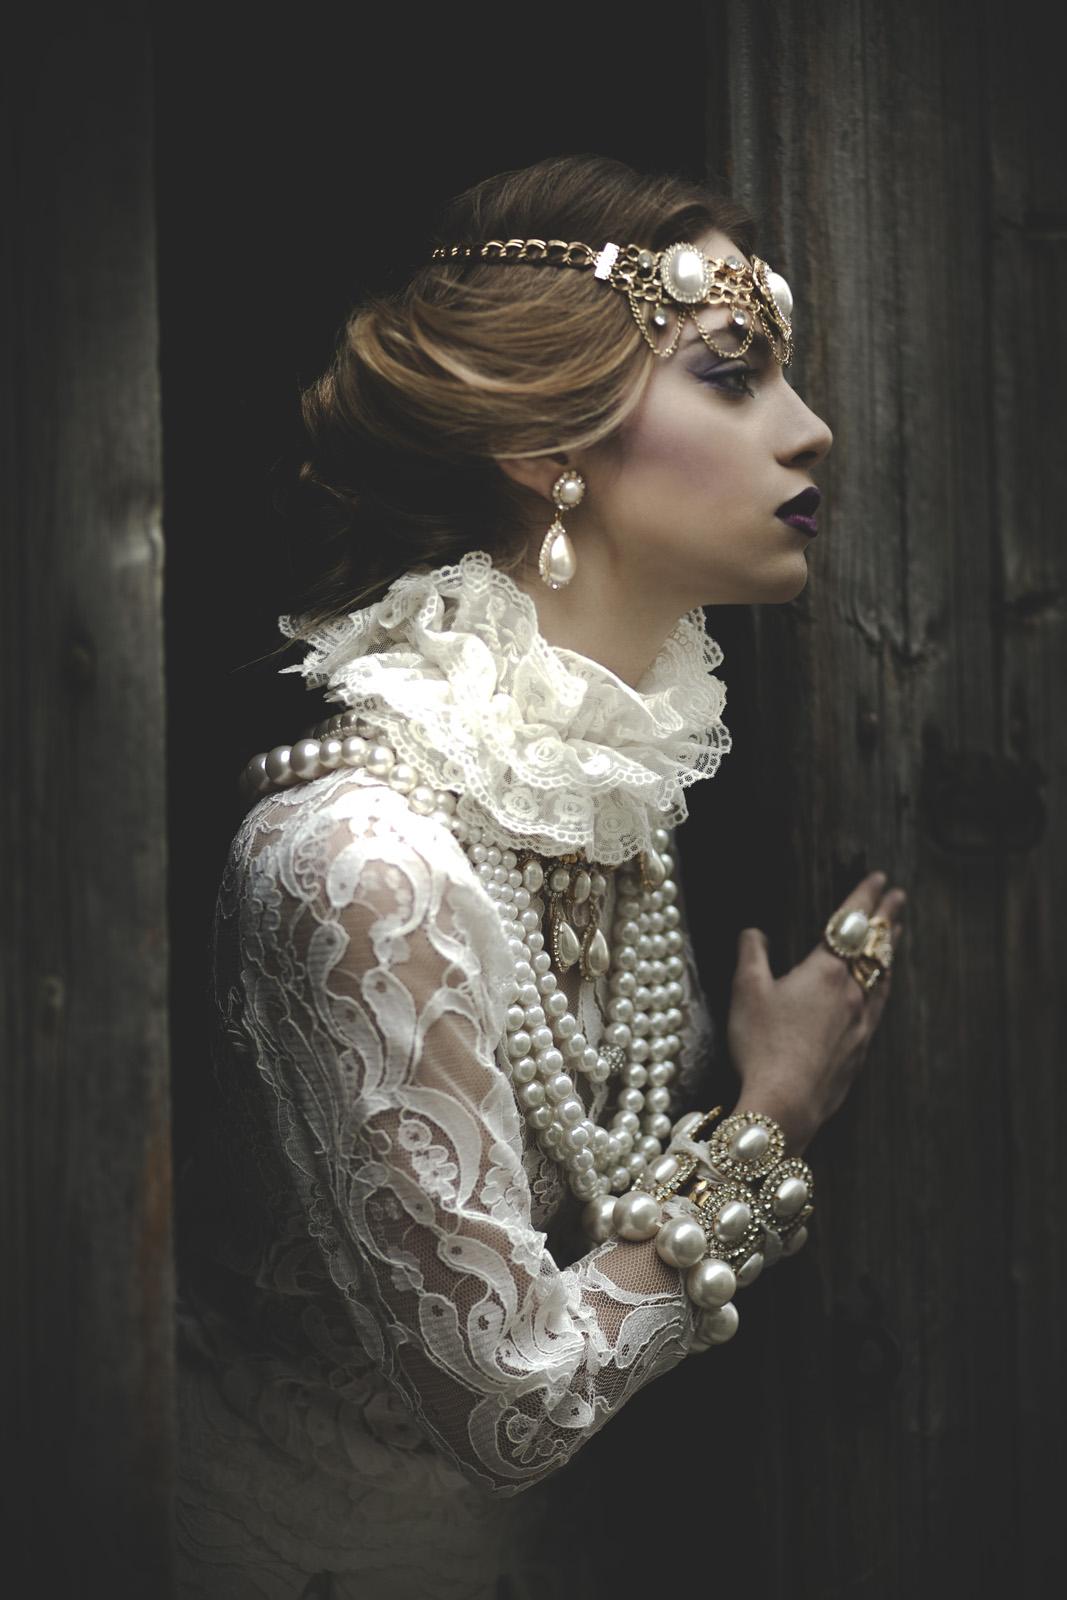 Louis Loizides Mitsu - Marianna Neophytou @ Modelpro - makeup Anastasia Stacie Vanelli - stylist Yzabelle Mitsu - wardrobe MITSU | MITSU - Berengaria of Navarre